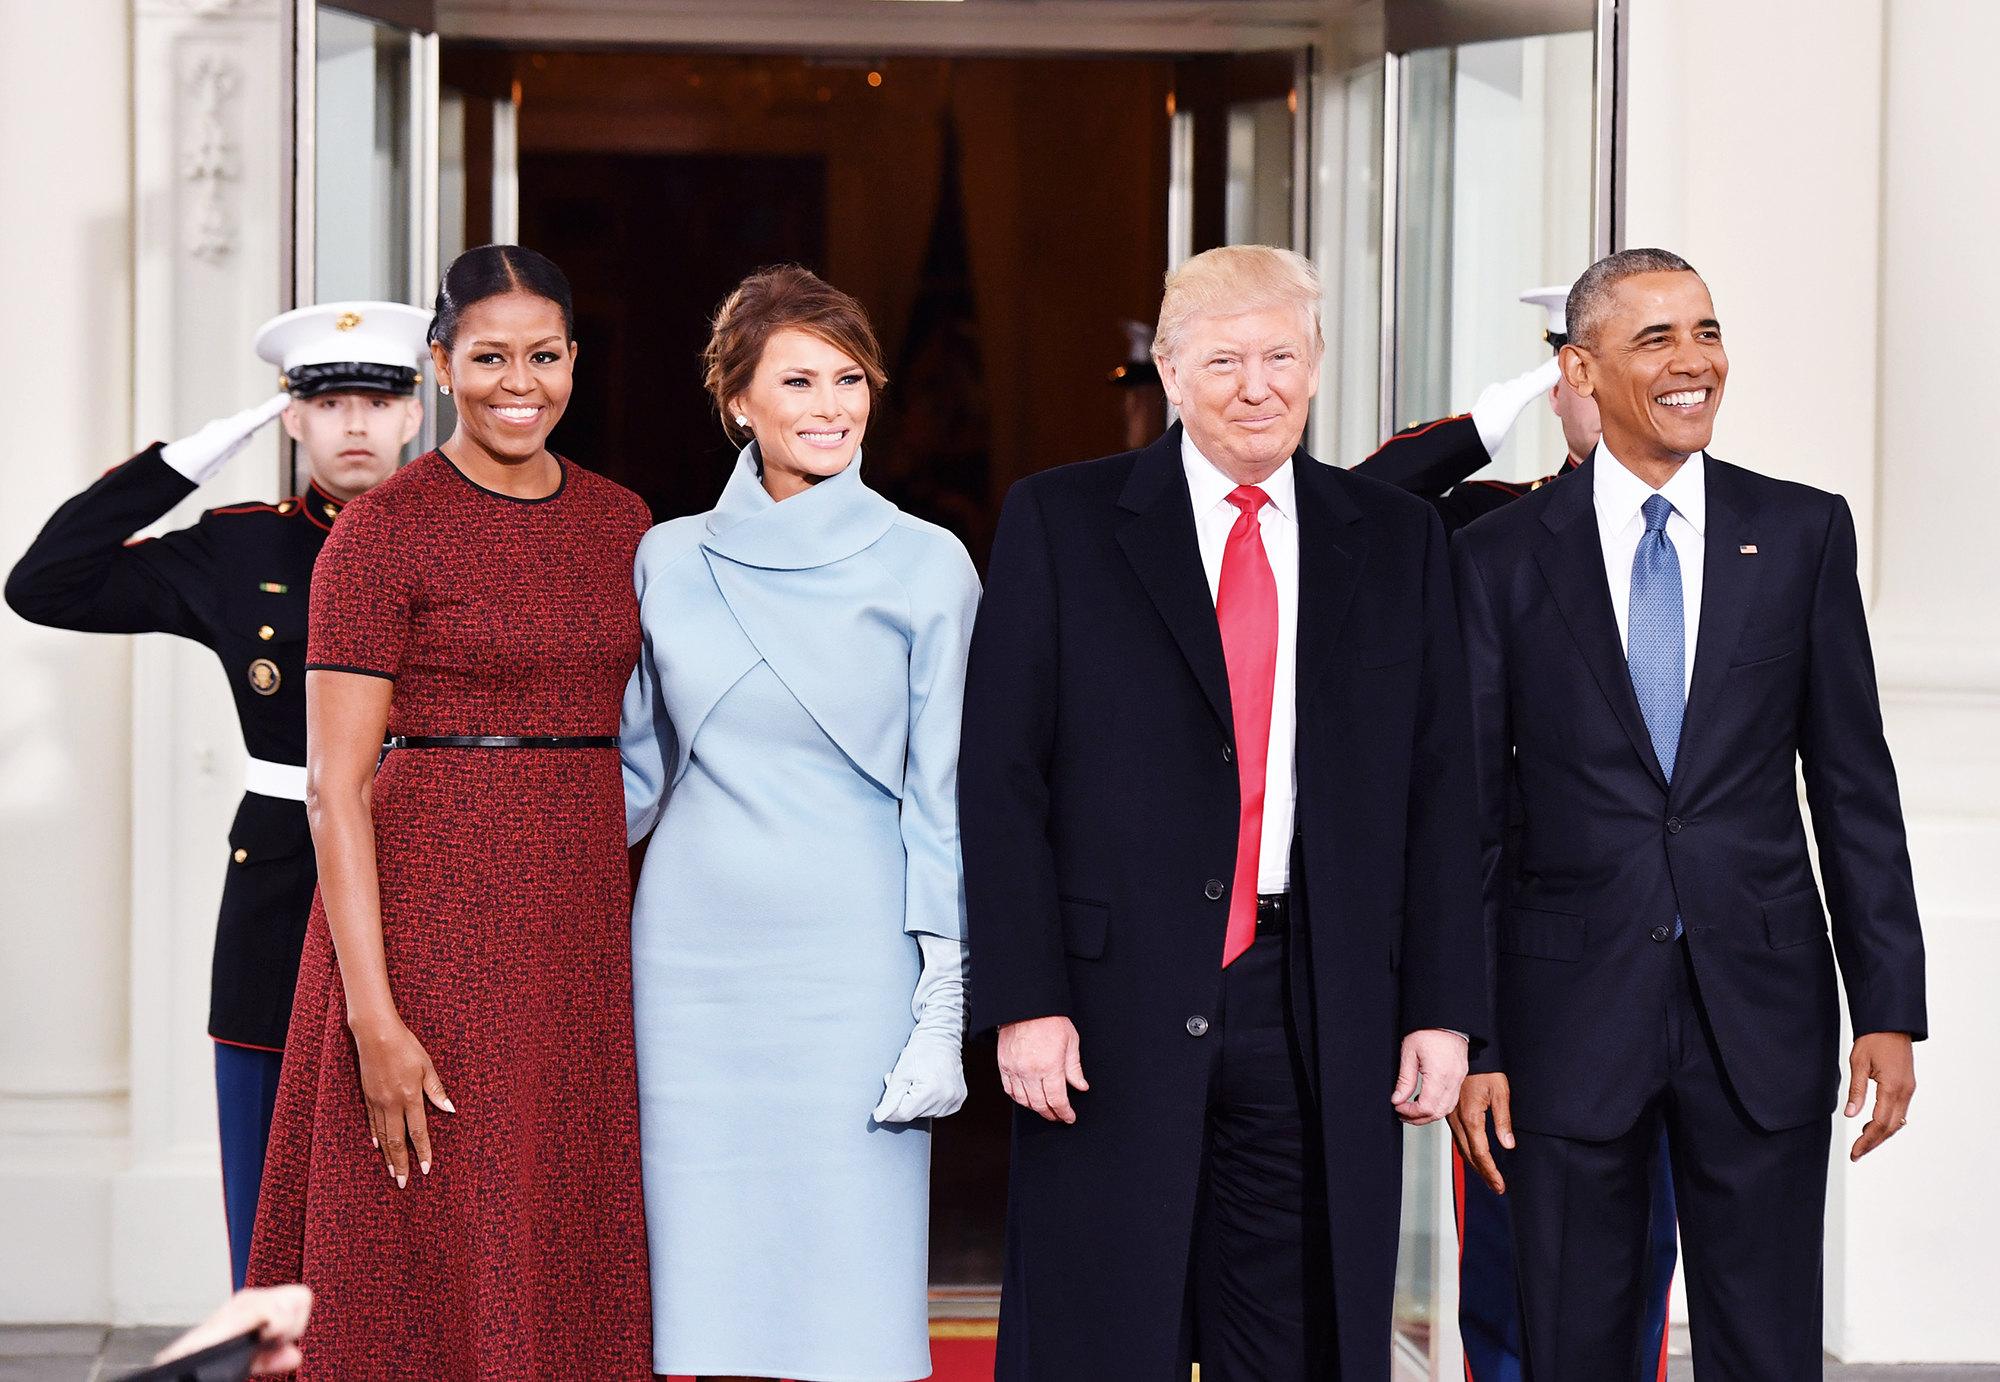 Президент Барак Обама ипервая леди Мишель Обама позируют сизбранным президентом Дональдом Трампом иего женой Меланией вБелом доме перединаугурацией Трампа 20 января 2017 года вВашингтоне, округ Колумбия.